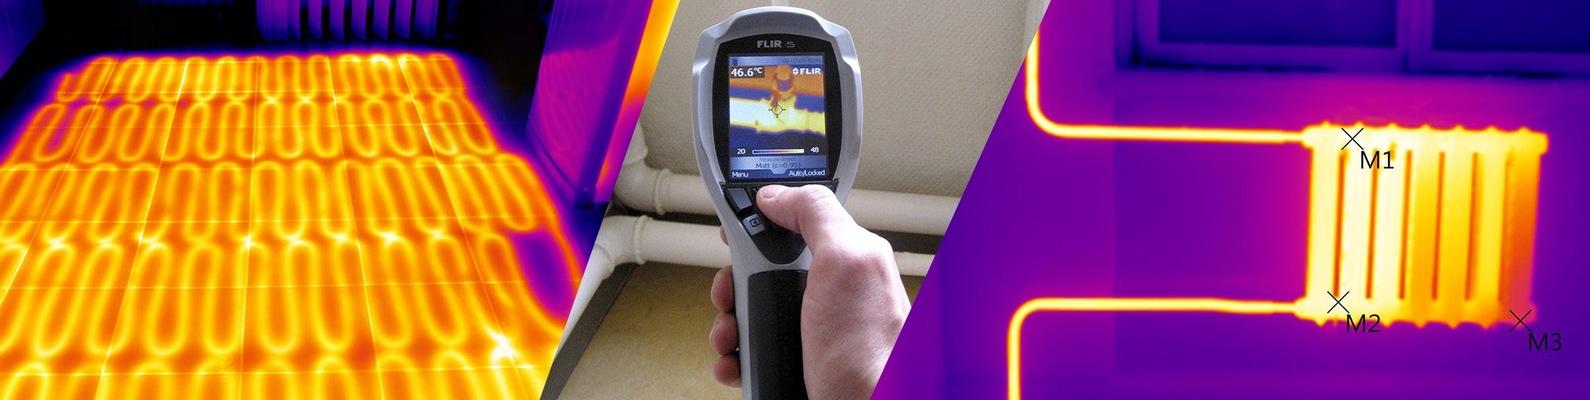 Проверка пожарной опасности электрооборудования жилых и общественных зданий с помощью тепловизора. методические рекомендации